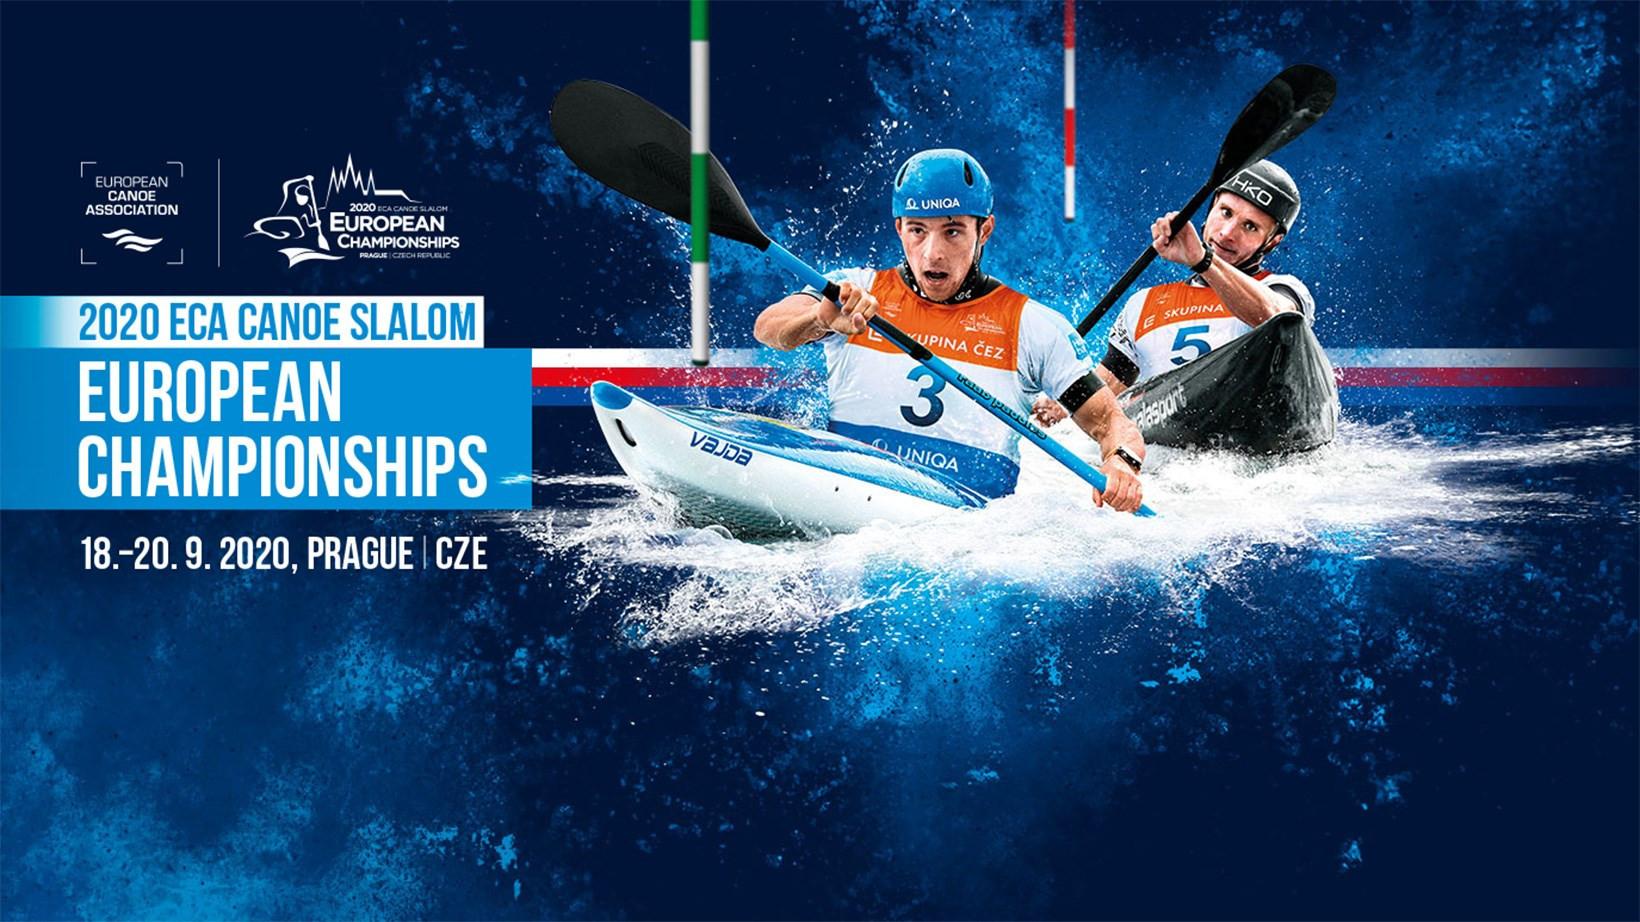 Prague steps in to host 2020 European Canoe Slalom Championships